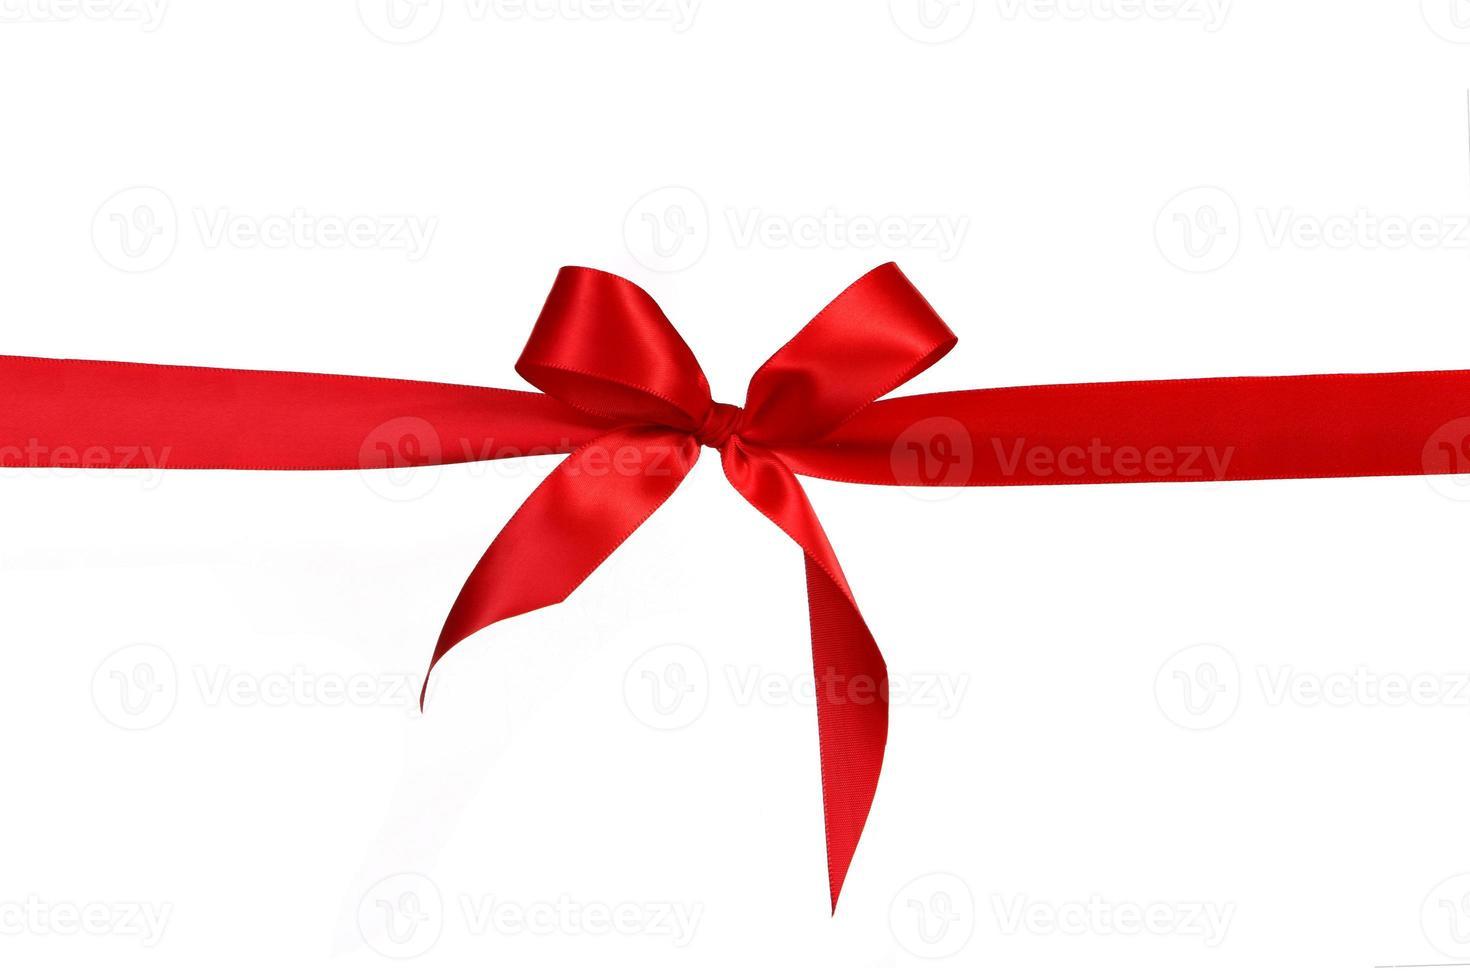 röd gåva band rosett foto